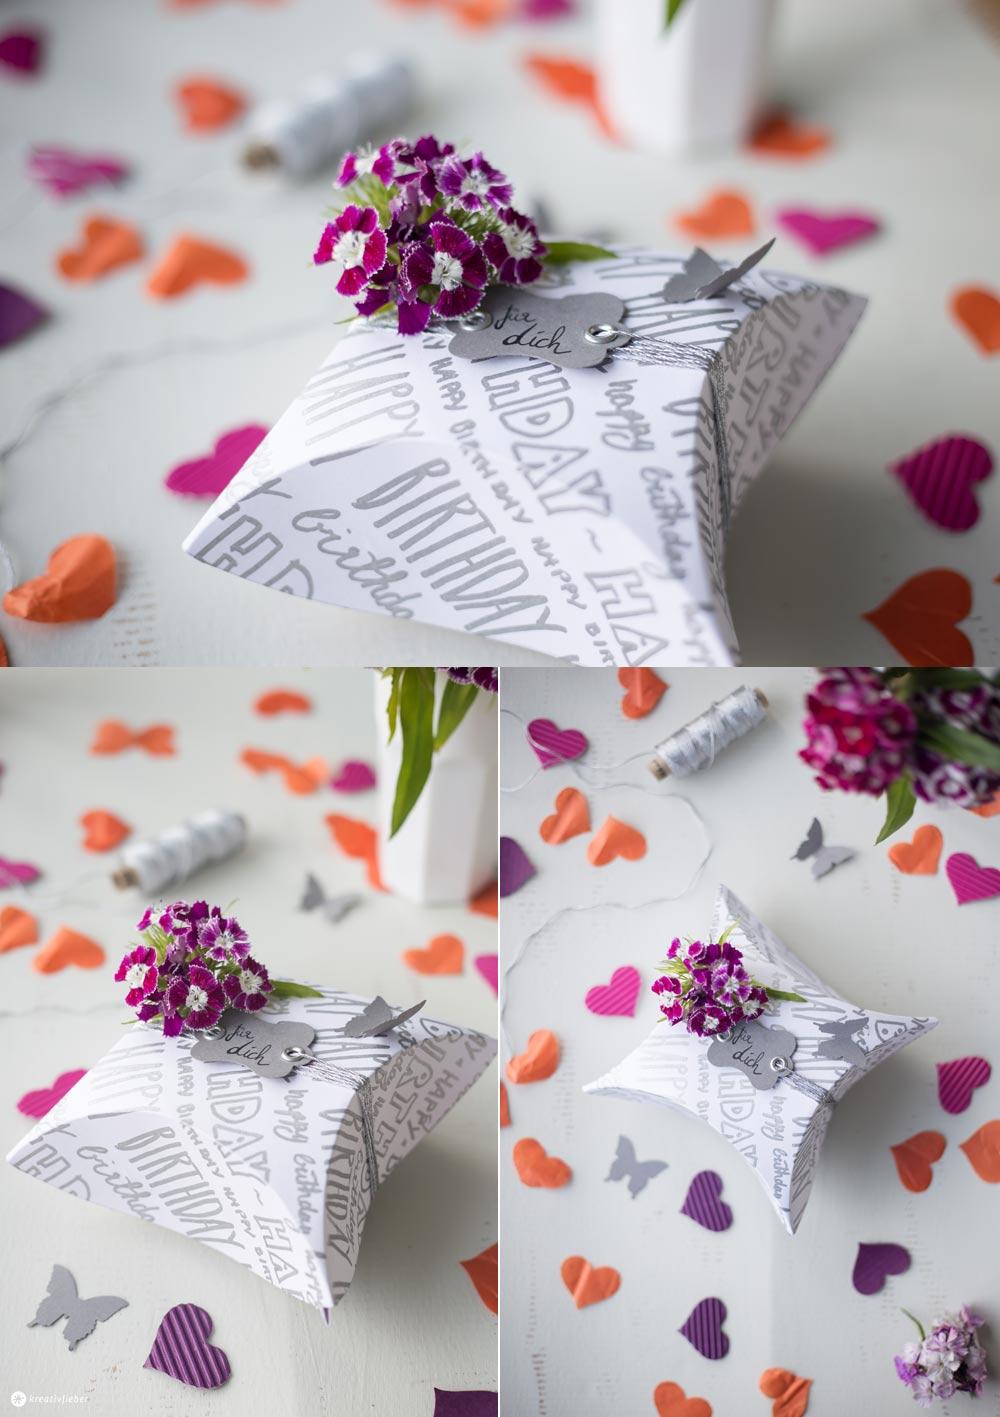 DIY Geschenkschachtel mit Handlettering - Schachtel falten für Gastgeschenke, kleine Mitbringel oder Adventskalender - mit Etikett und Konfetti